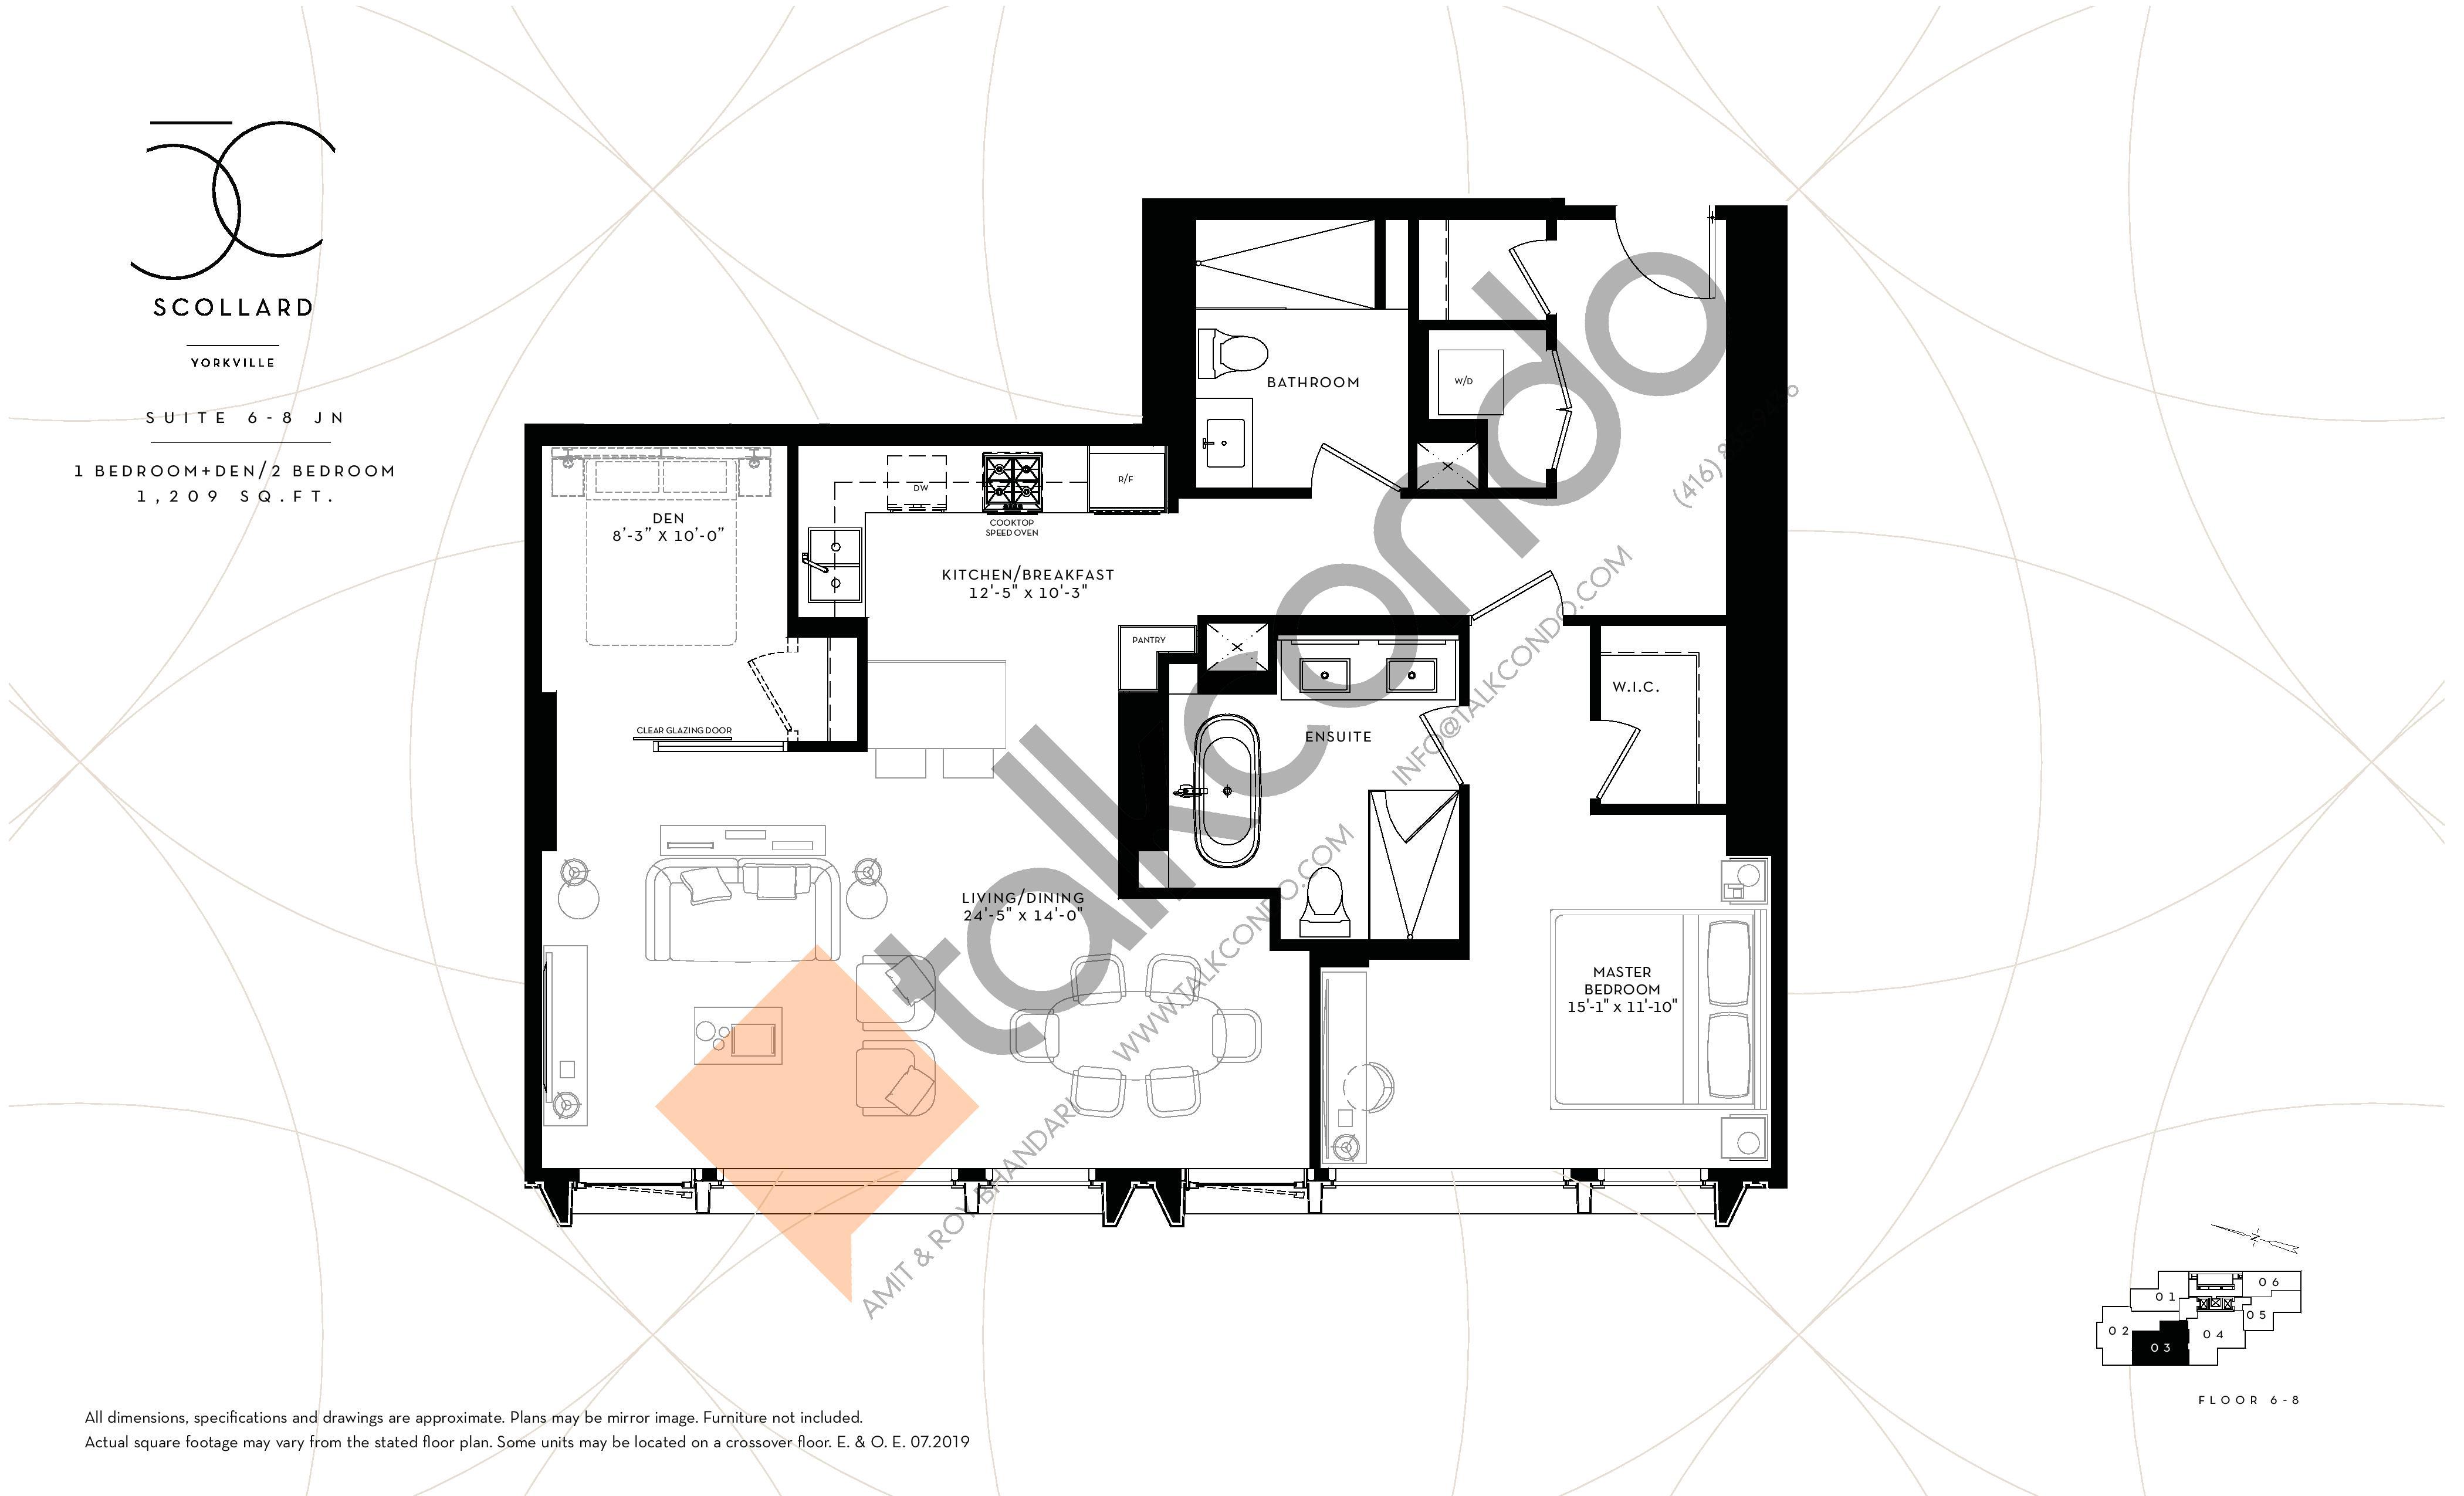 Suite 6-8 JN Floor Plan at Fifty Scollard Condos - 1209 sq.ft